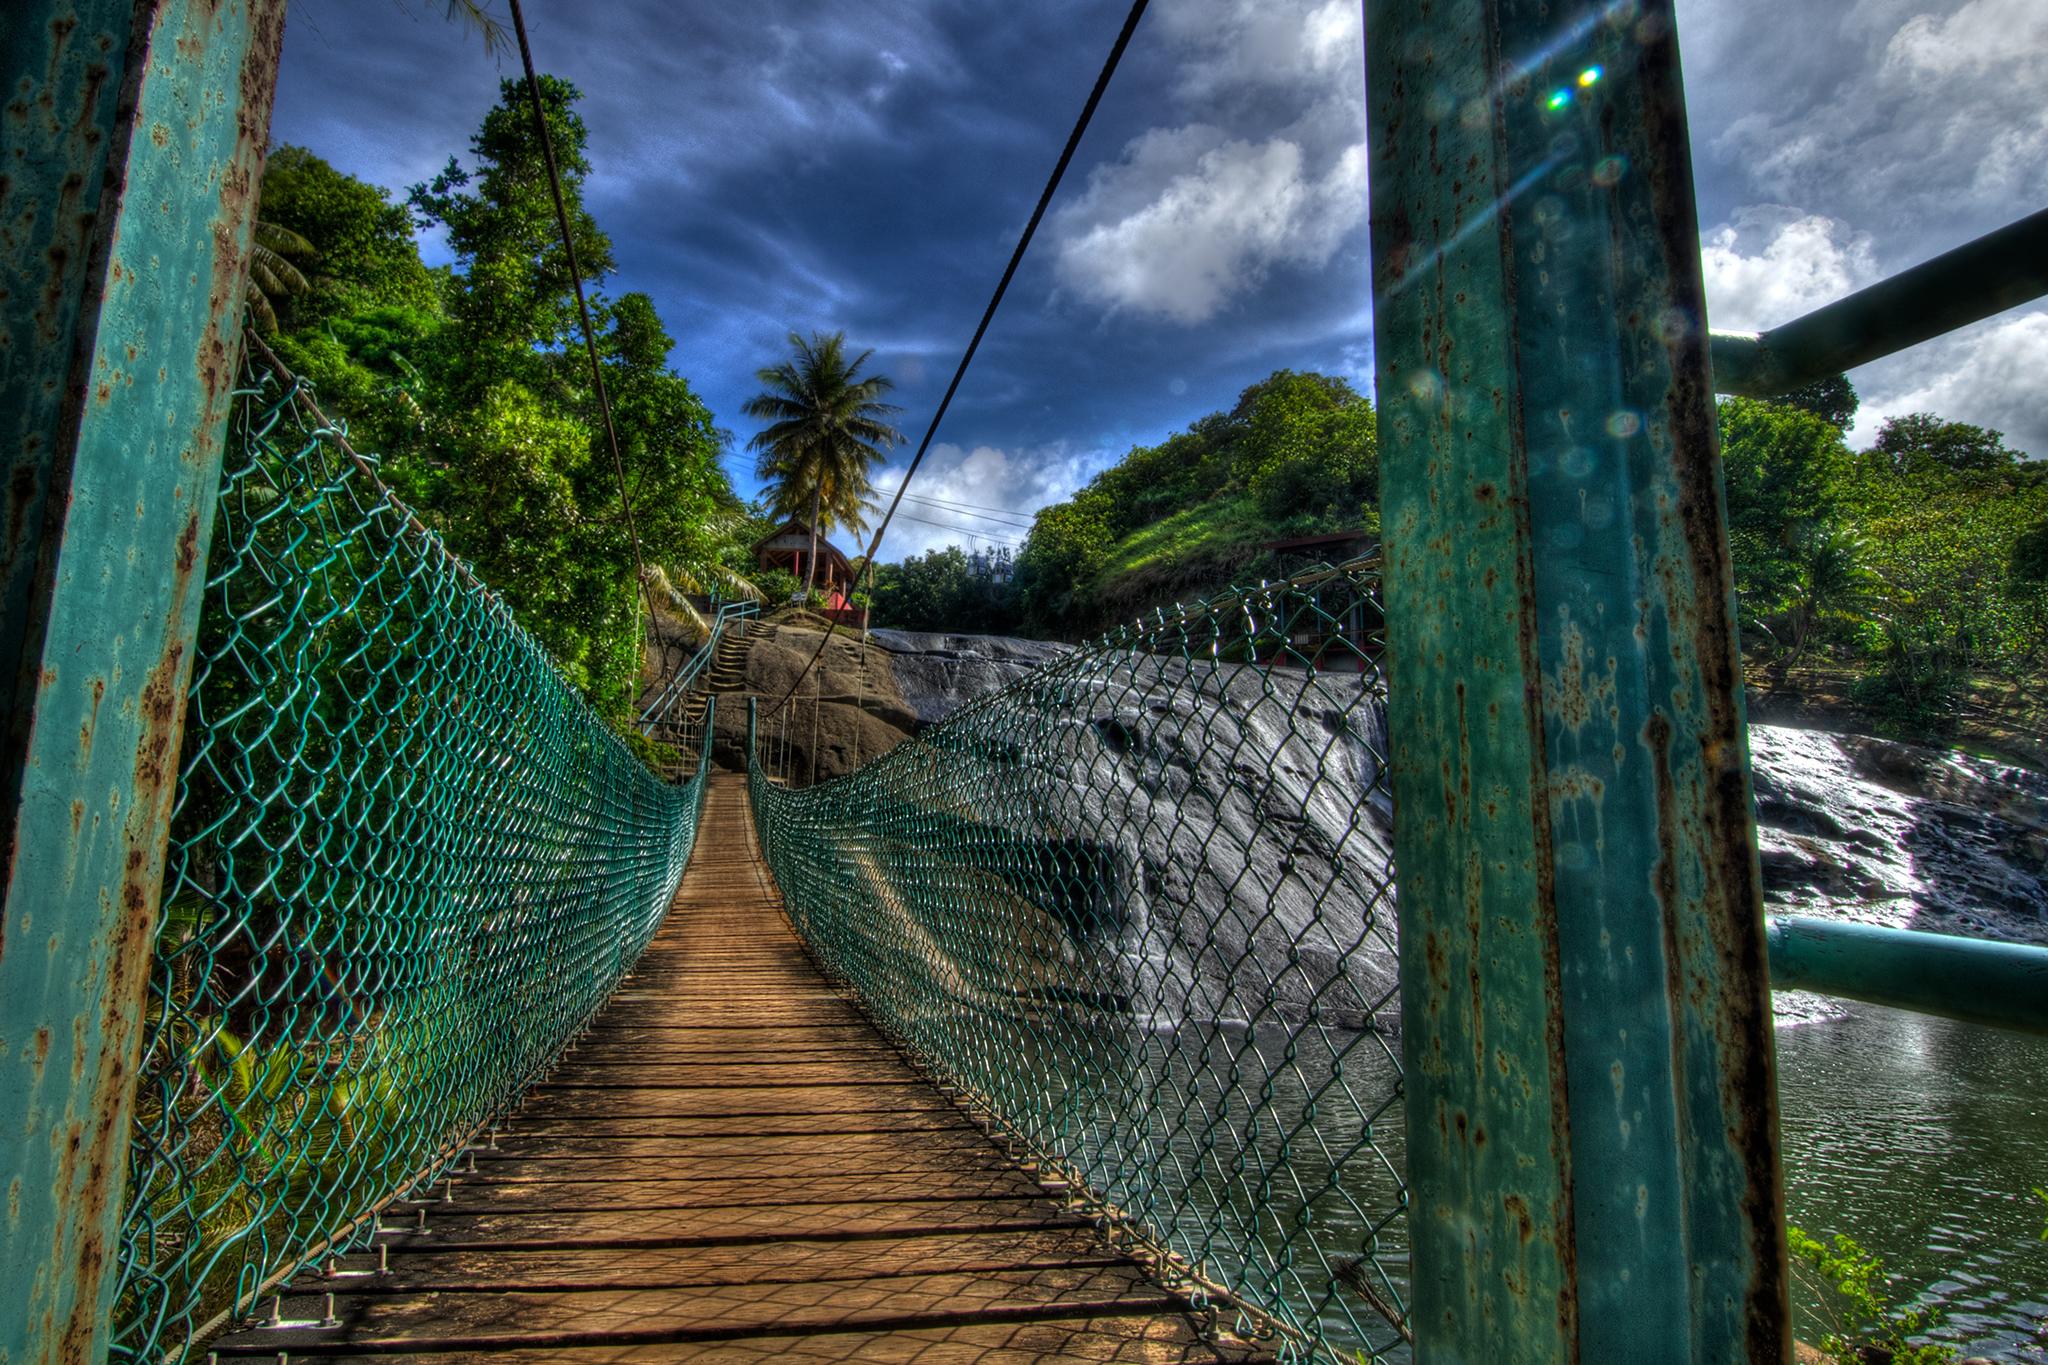 Talofofo Falls Bridge